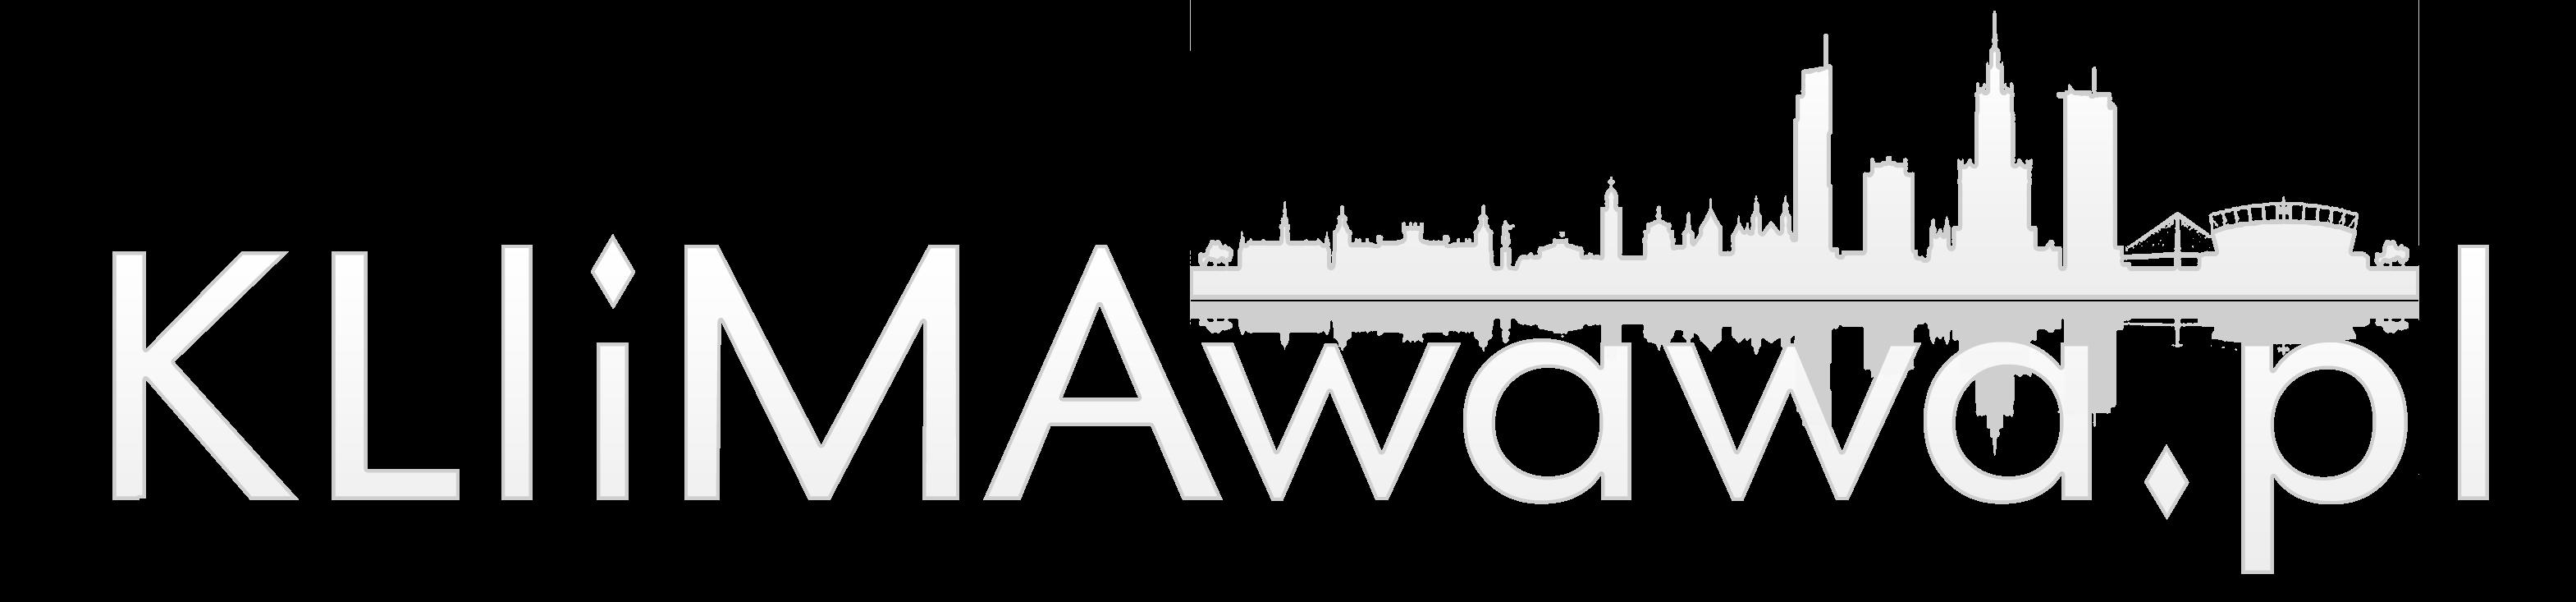 Montaż klimatyzacji Warszawa, Przegląd i serwis klimatyzatorów